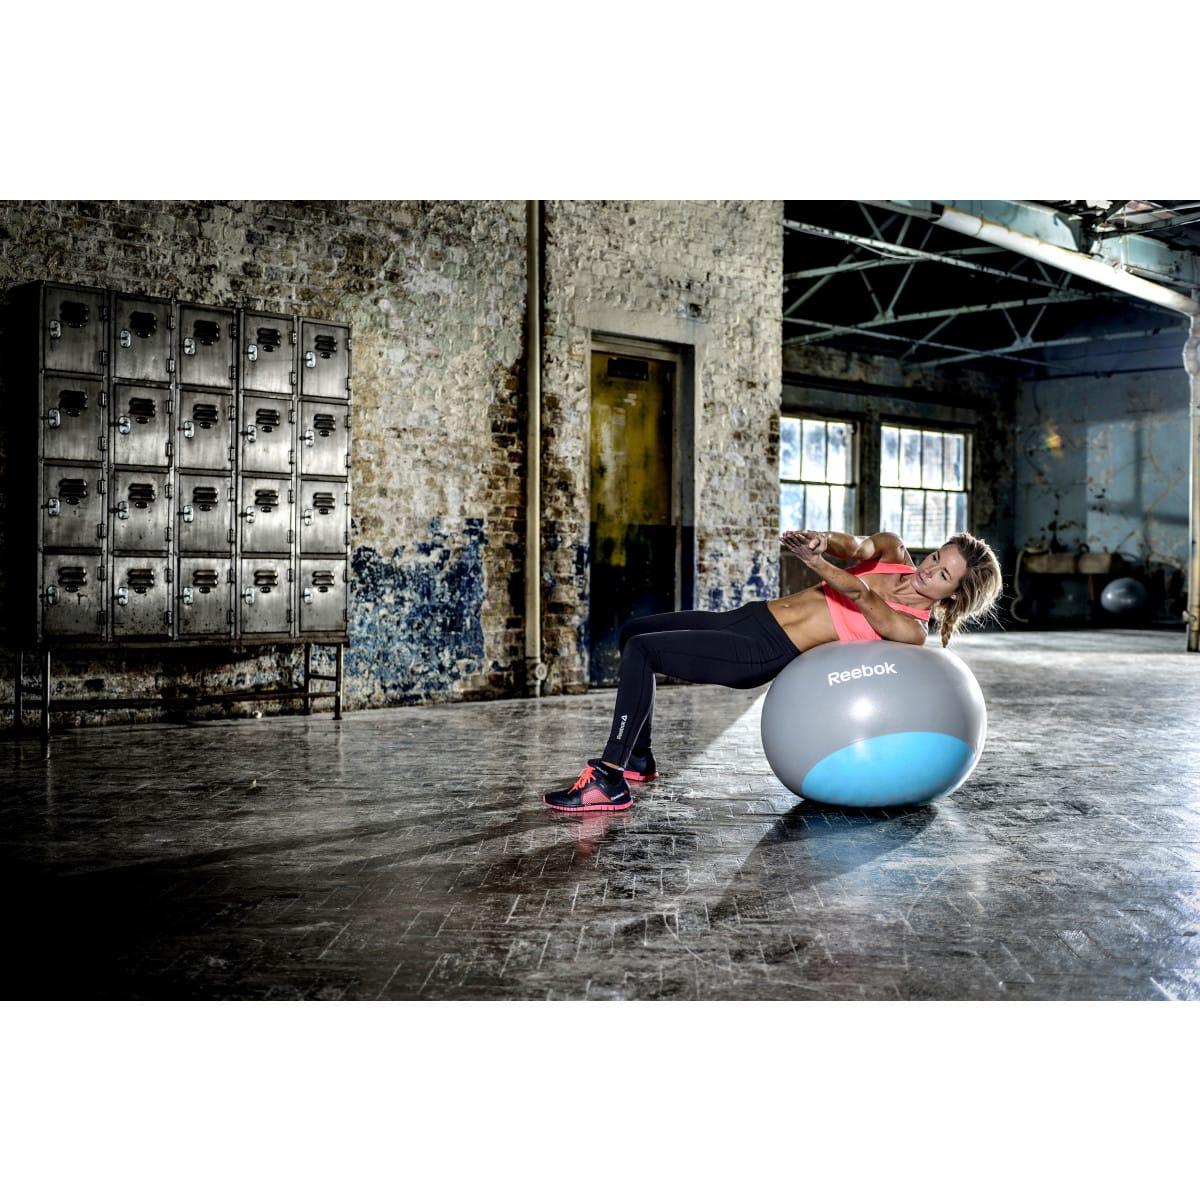 Reebok Ballon de gymnastique, en caoutchouc bleu et gris, femme en plein sport 3